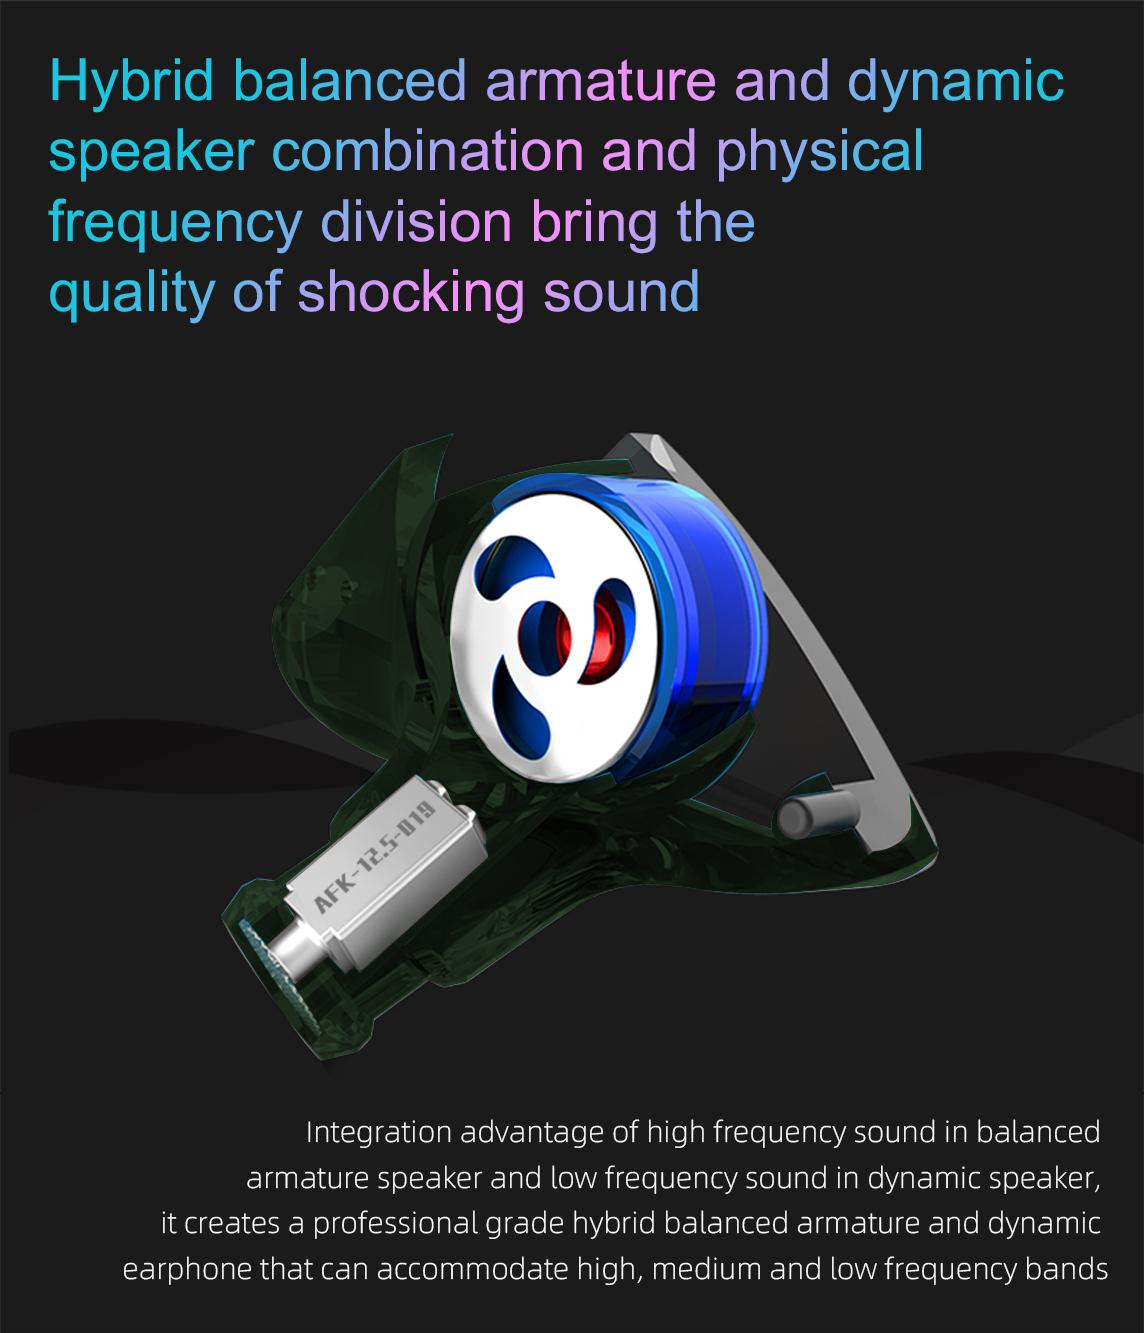 木质tws耳机详情英文_06.1